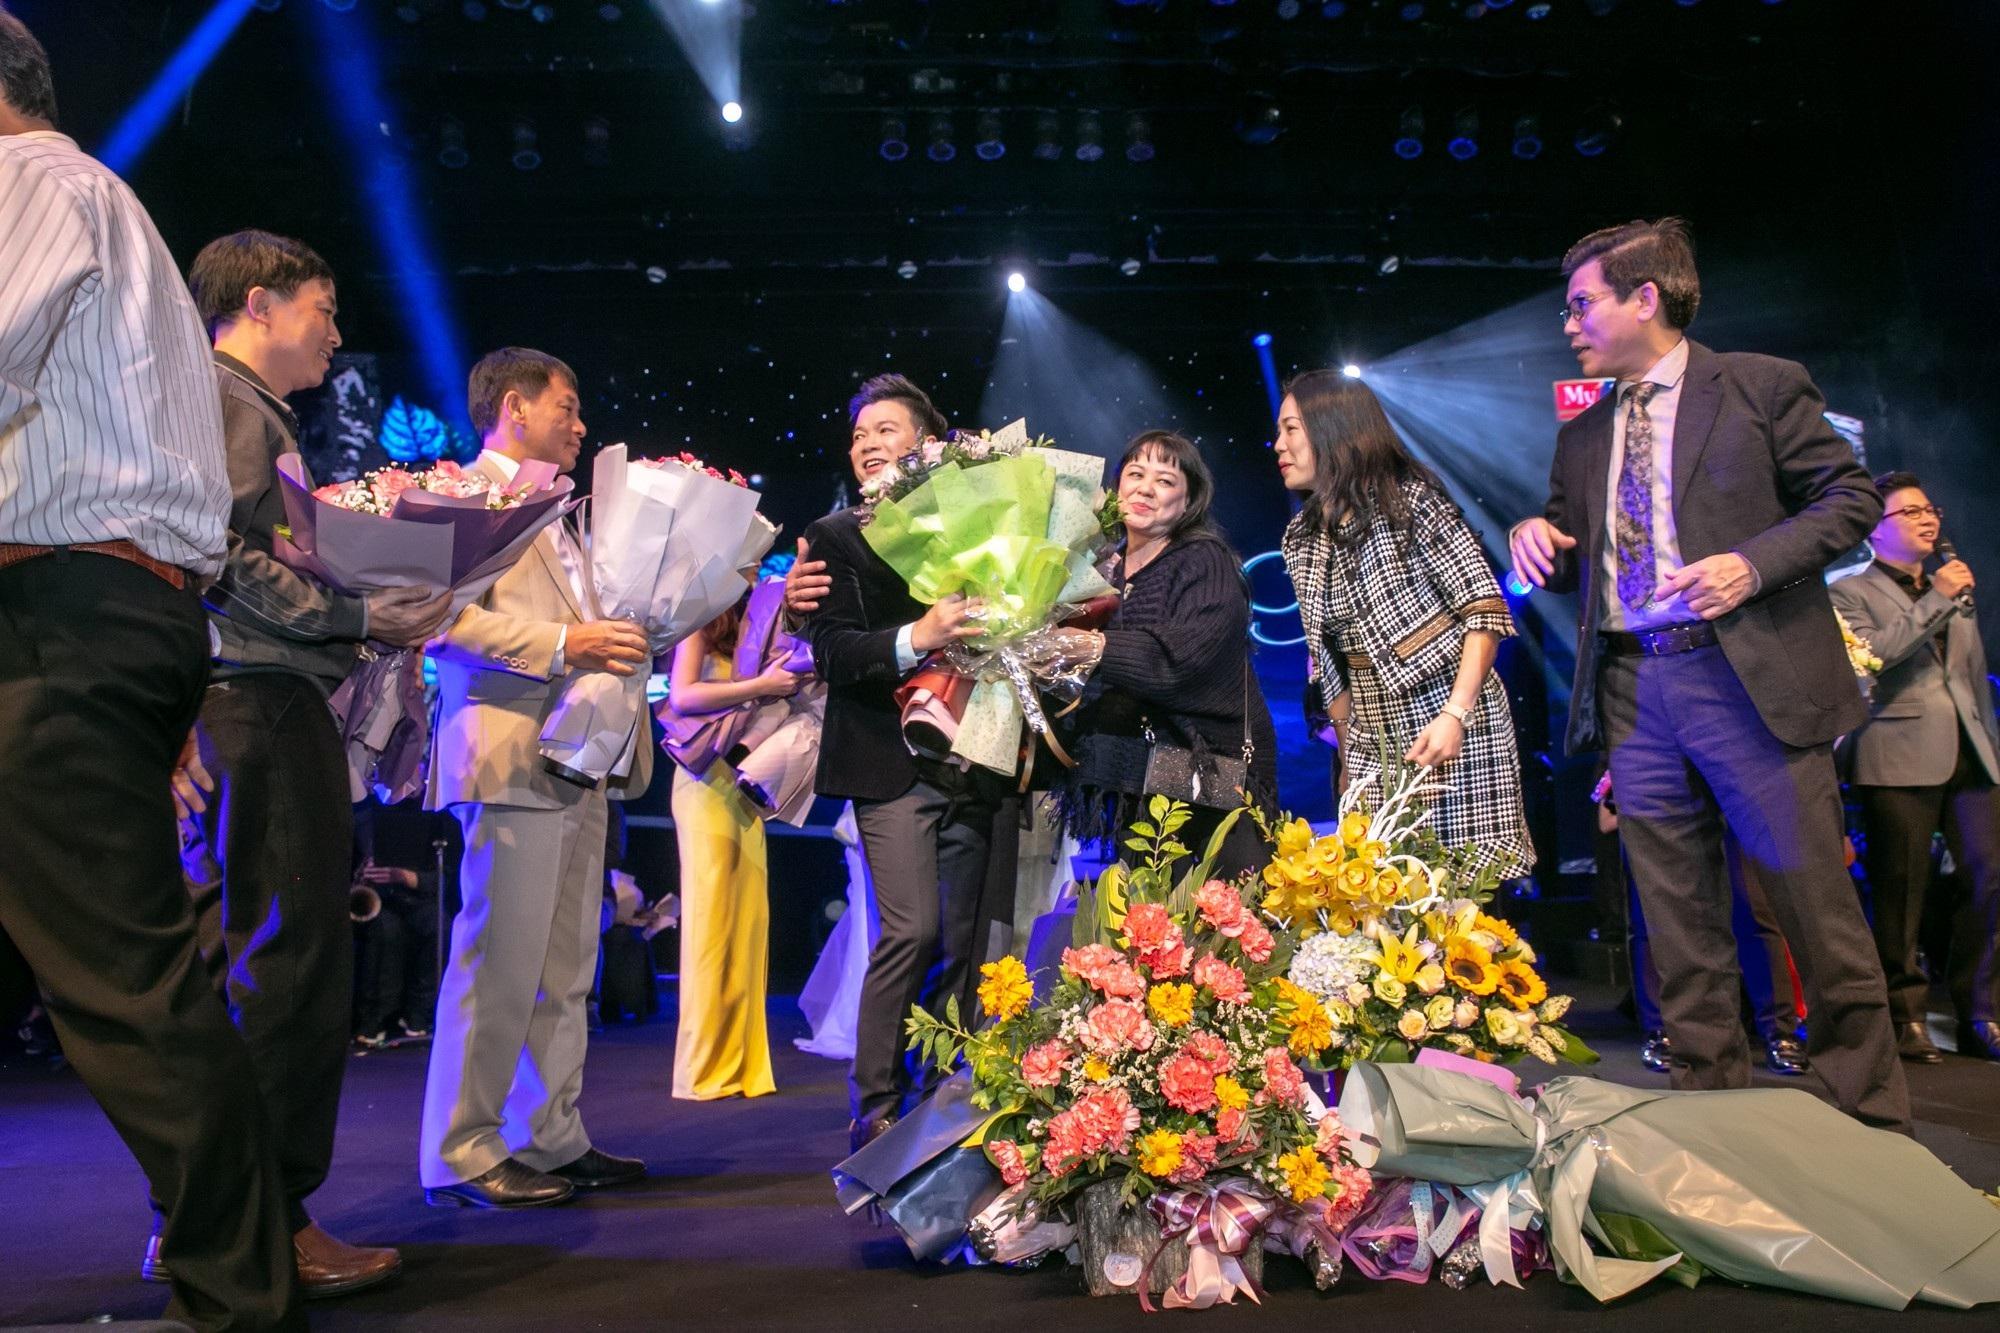 Ca sĩ Vũ Thắng Lợi bật khóc trên sân khấu khi nhắc đến bố mẹ - Ảnh 13.